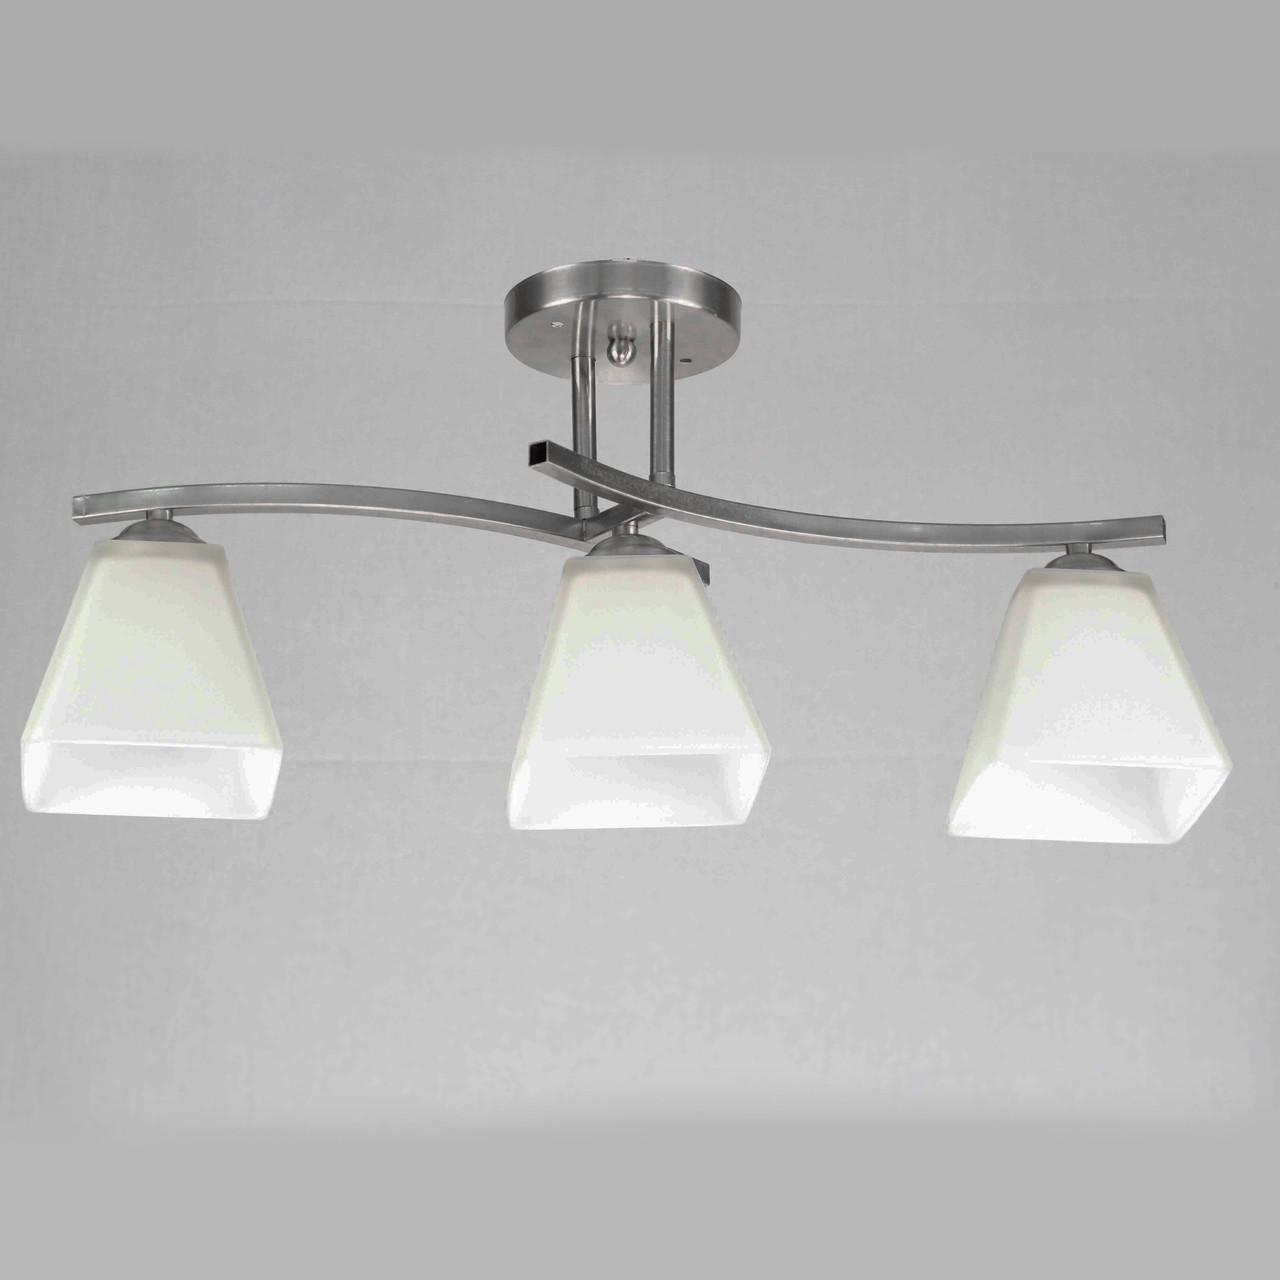 Люстра потолочная на 3 лампы 29-A540/3 CR+WT